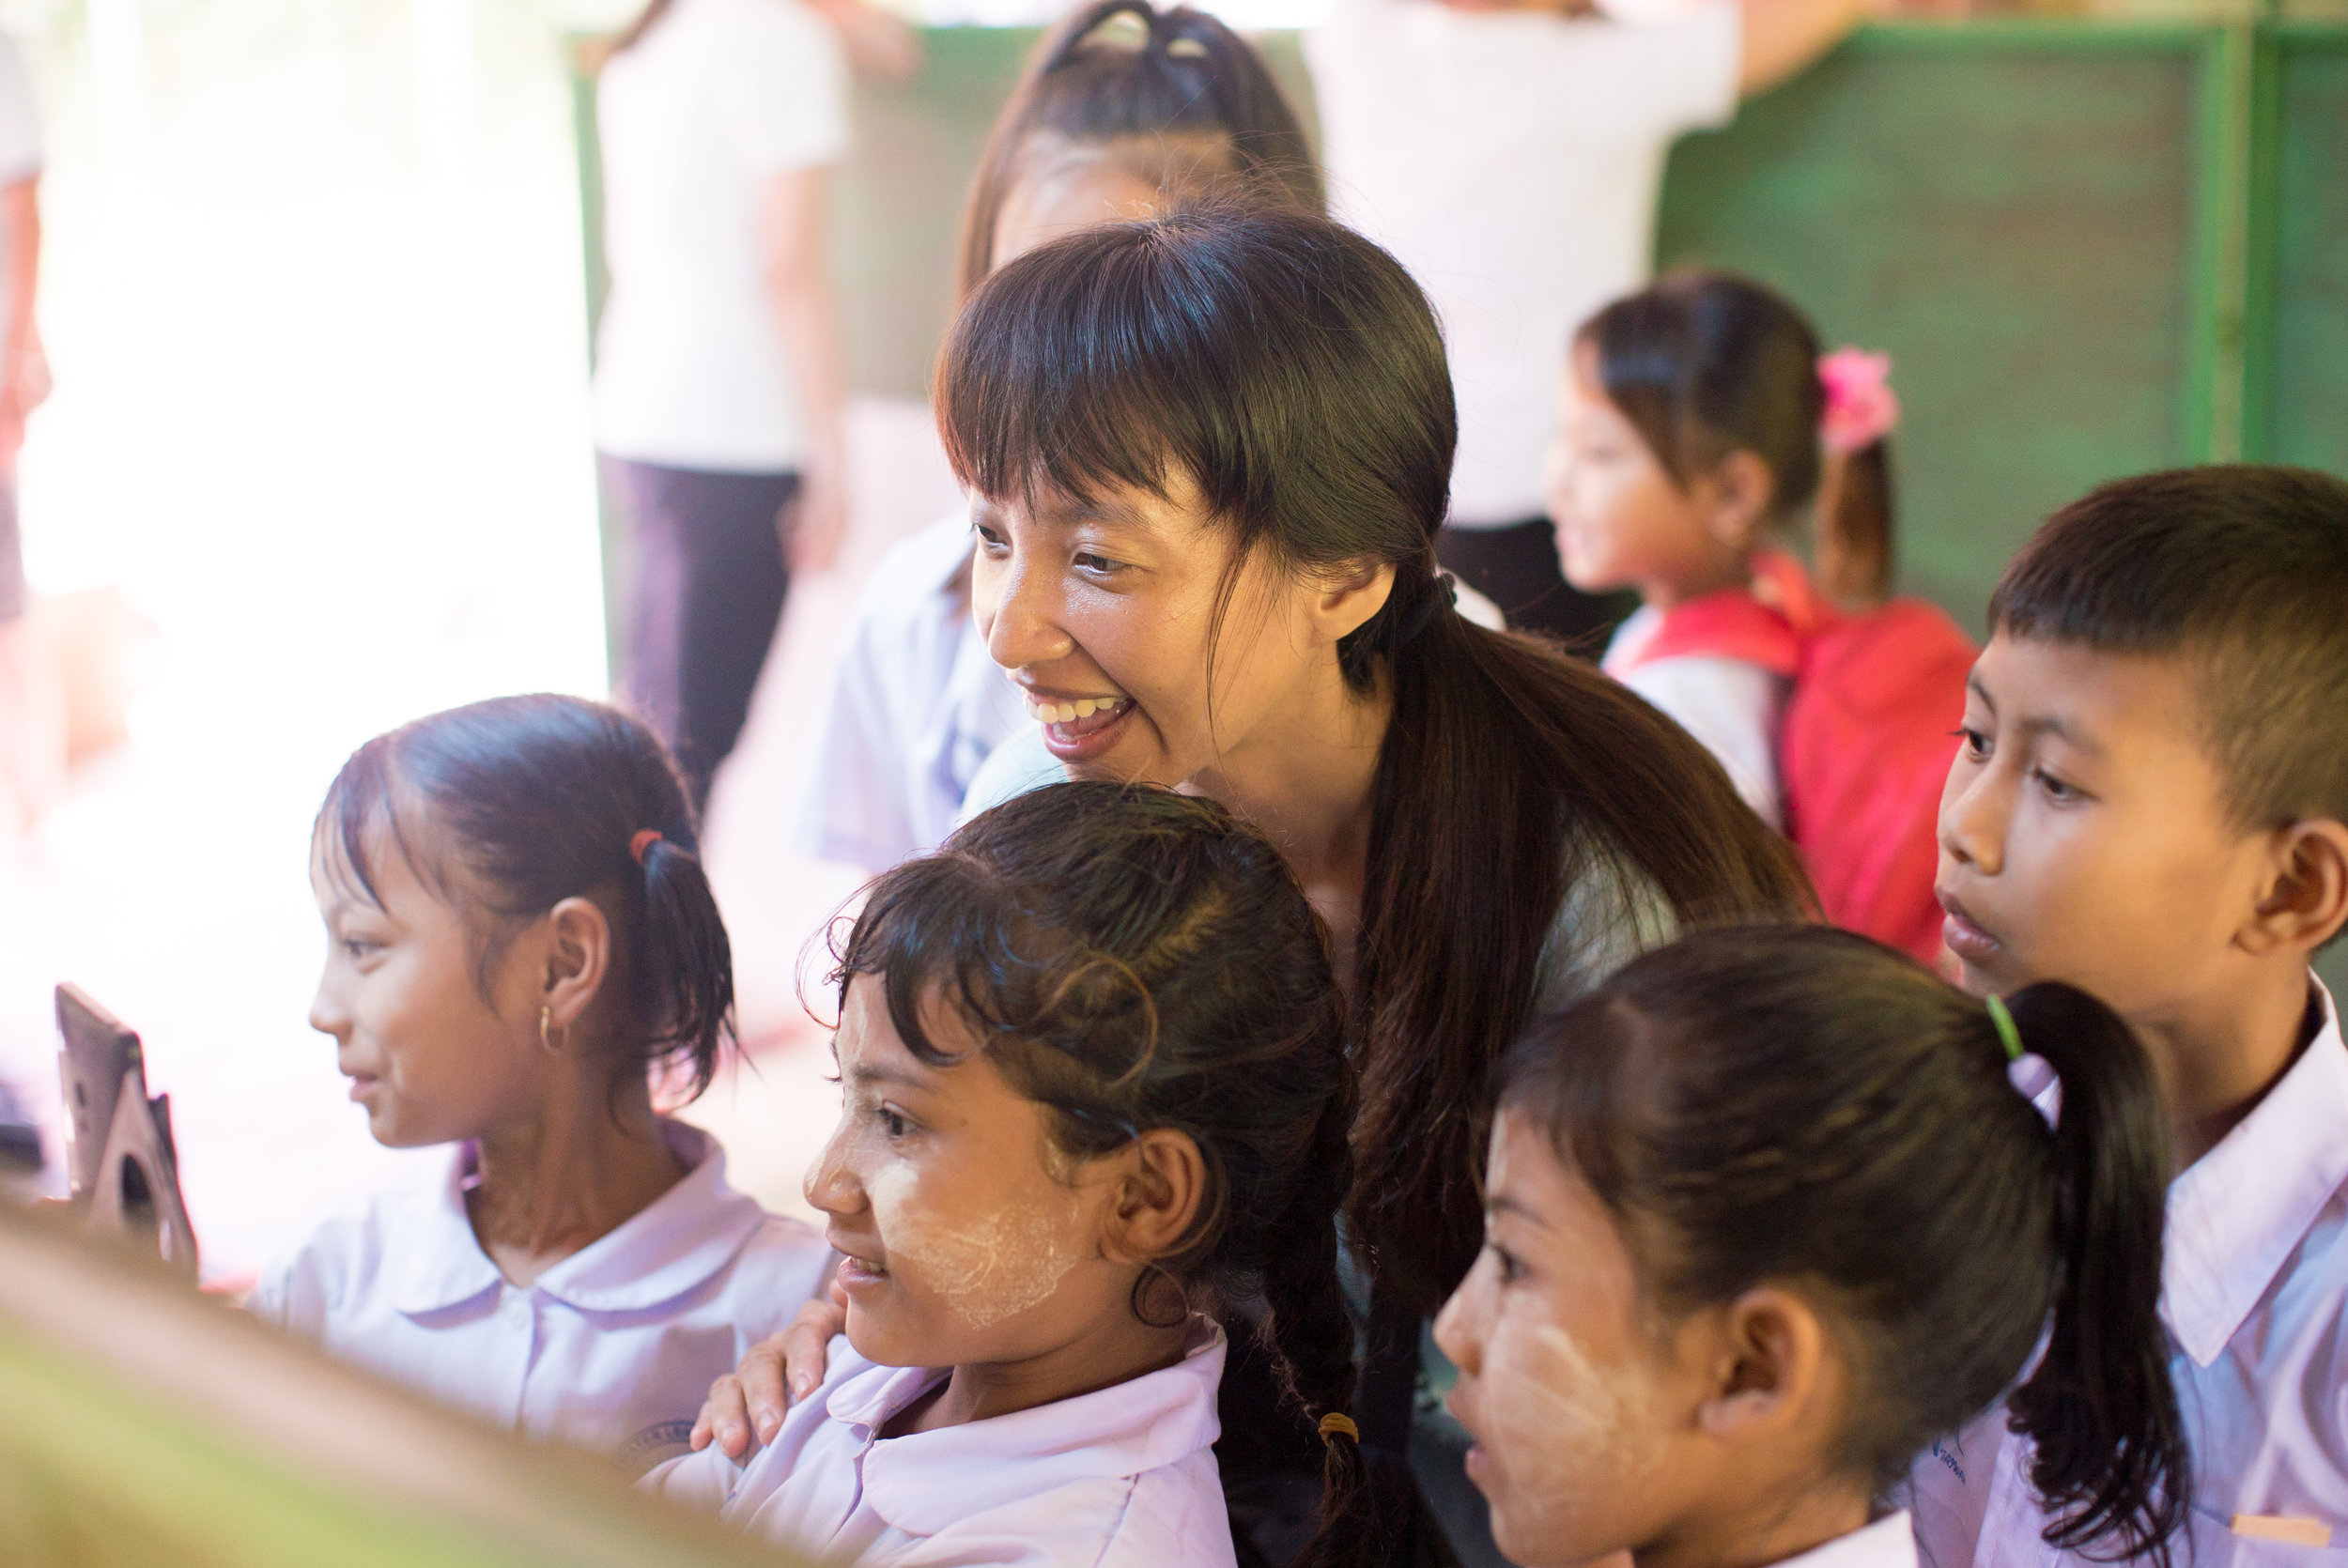 對於在泰國出生的孩子,故鄉緬甸實在太遙遠了。(攝影╱余博強)